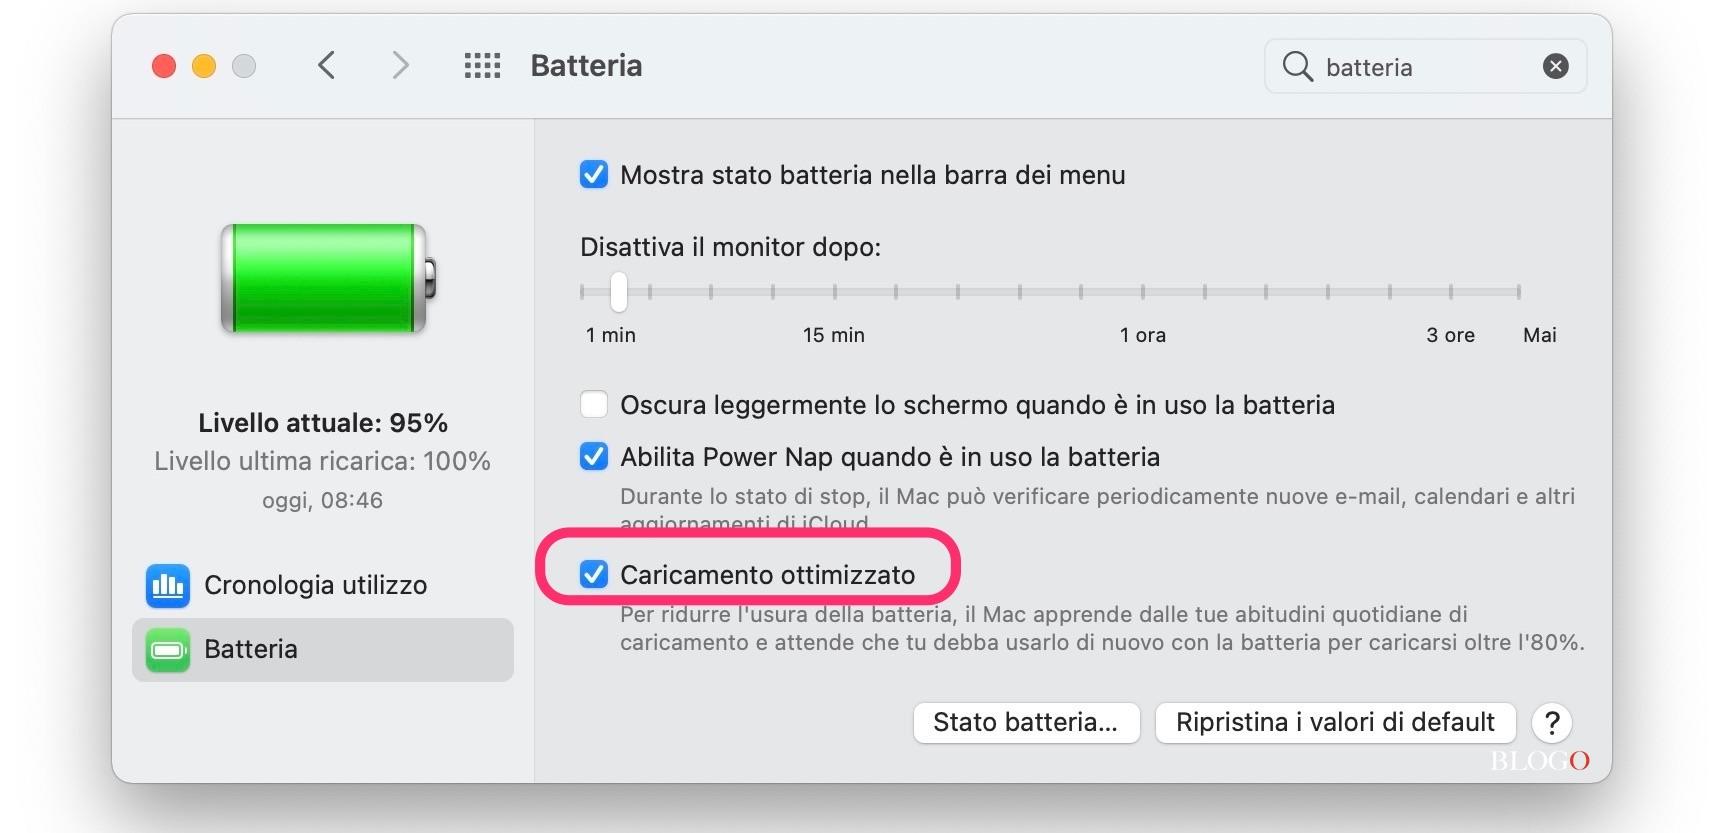 caricamento_ottimizzato_macos